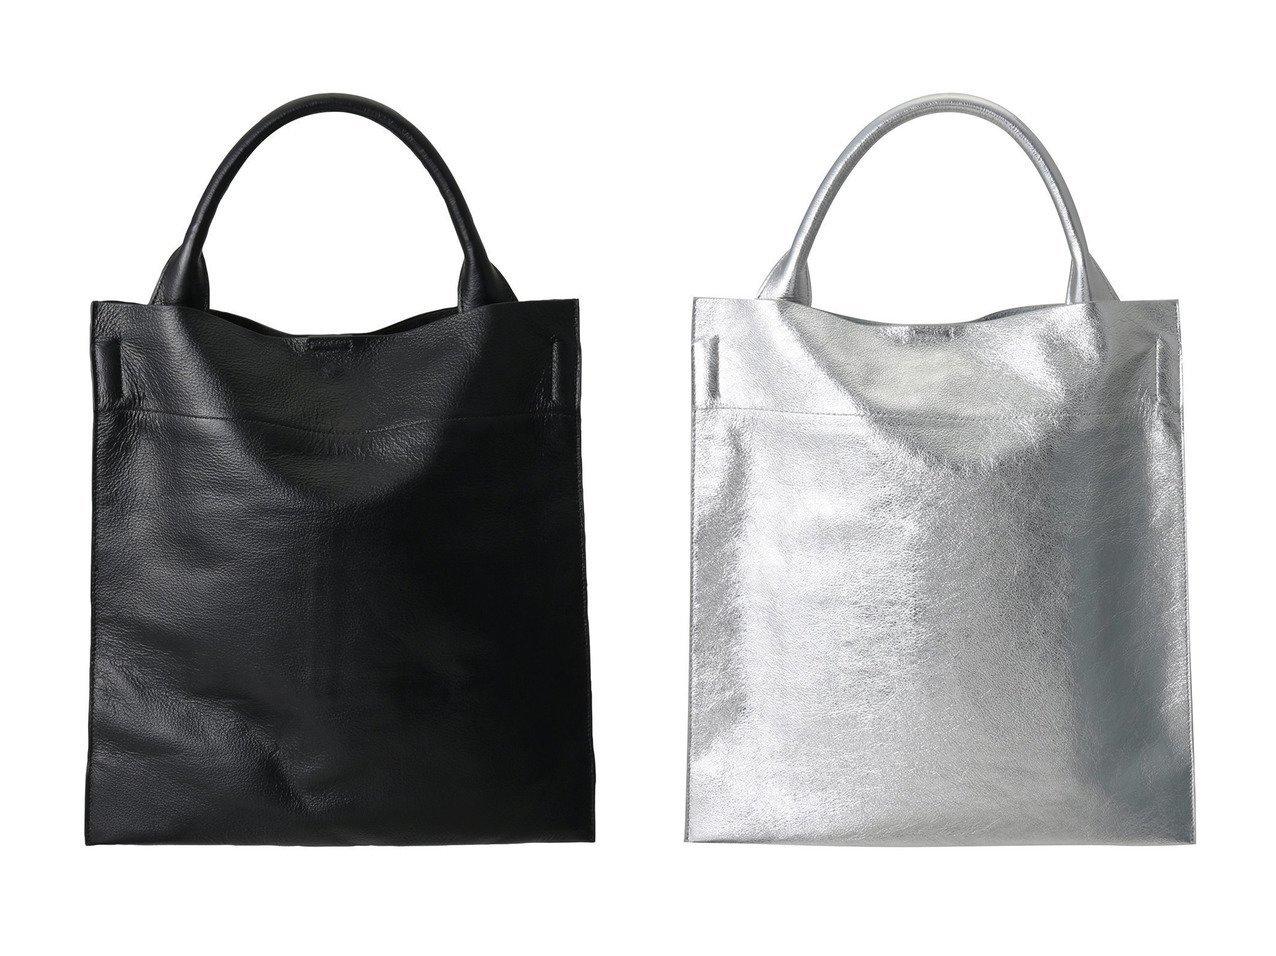 【ROSE BUD/ローズバッド】のトートバッグ 【バッグ・鞄】おすすめ!人気、トレンド・レディースファッションの通販 おすすめで人気の流行・トレンド、ファッションの通販商品 インテリア・家具・メンズファッション・キッズファッション・レディースファッション・服の通販 founy(ファニー) https://founy.com/ ファッション Fashion レディースファッション WOMEN バッグ Bag 2020年 2020 2020-2021秋冬・A/W AW・Autumn/Winter・FW・Fall-Winter/2020-2021 2021年 2021 2021-2022秋冬・A/W AW・Autumn/Winter・FW・Fall-Winter・2021-2022 A/W・秋冬 AW・Autumn/Winter・FW・Fall-Winter シルバー スクエア スタイリッシュ ベーシック  ID:crp329100000065237